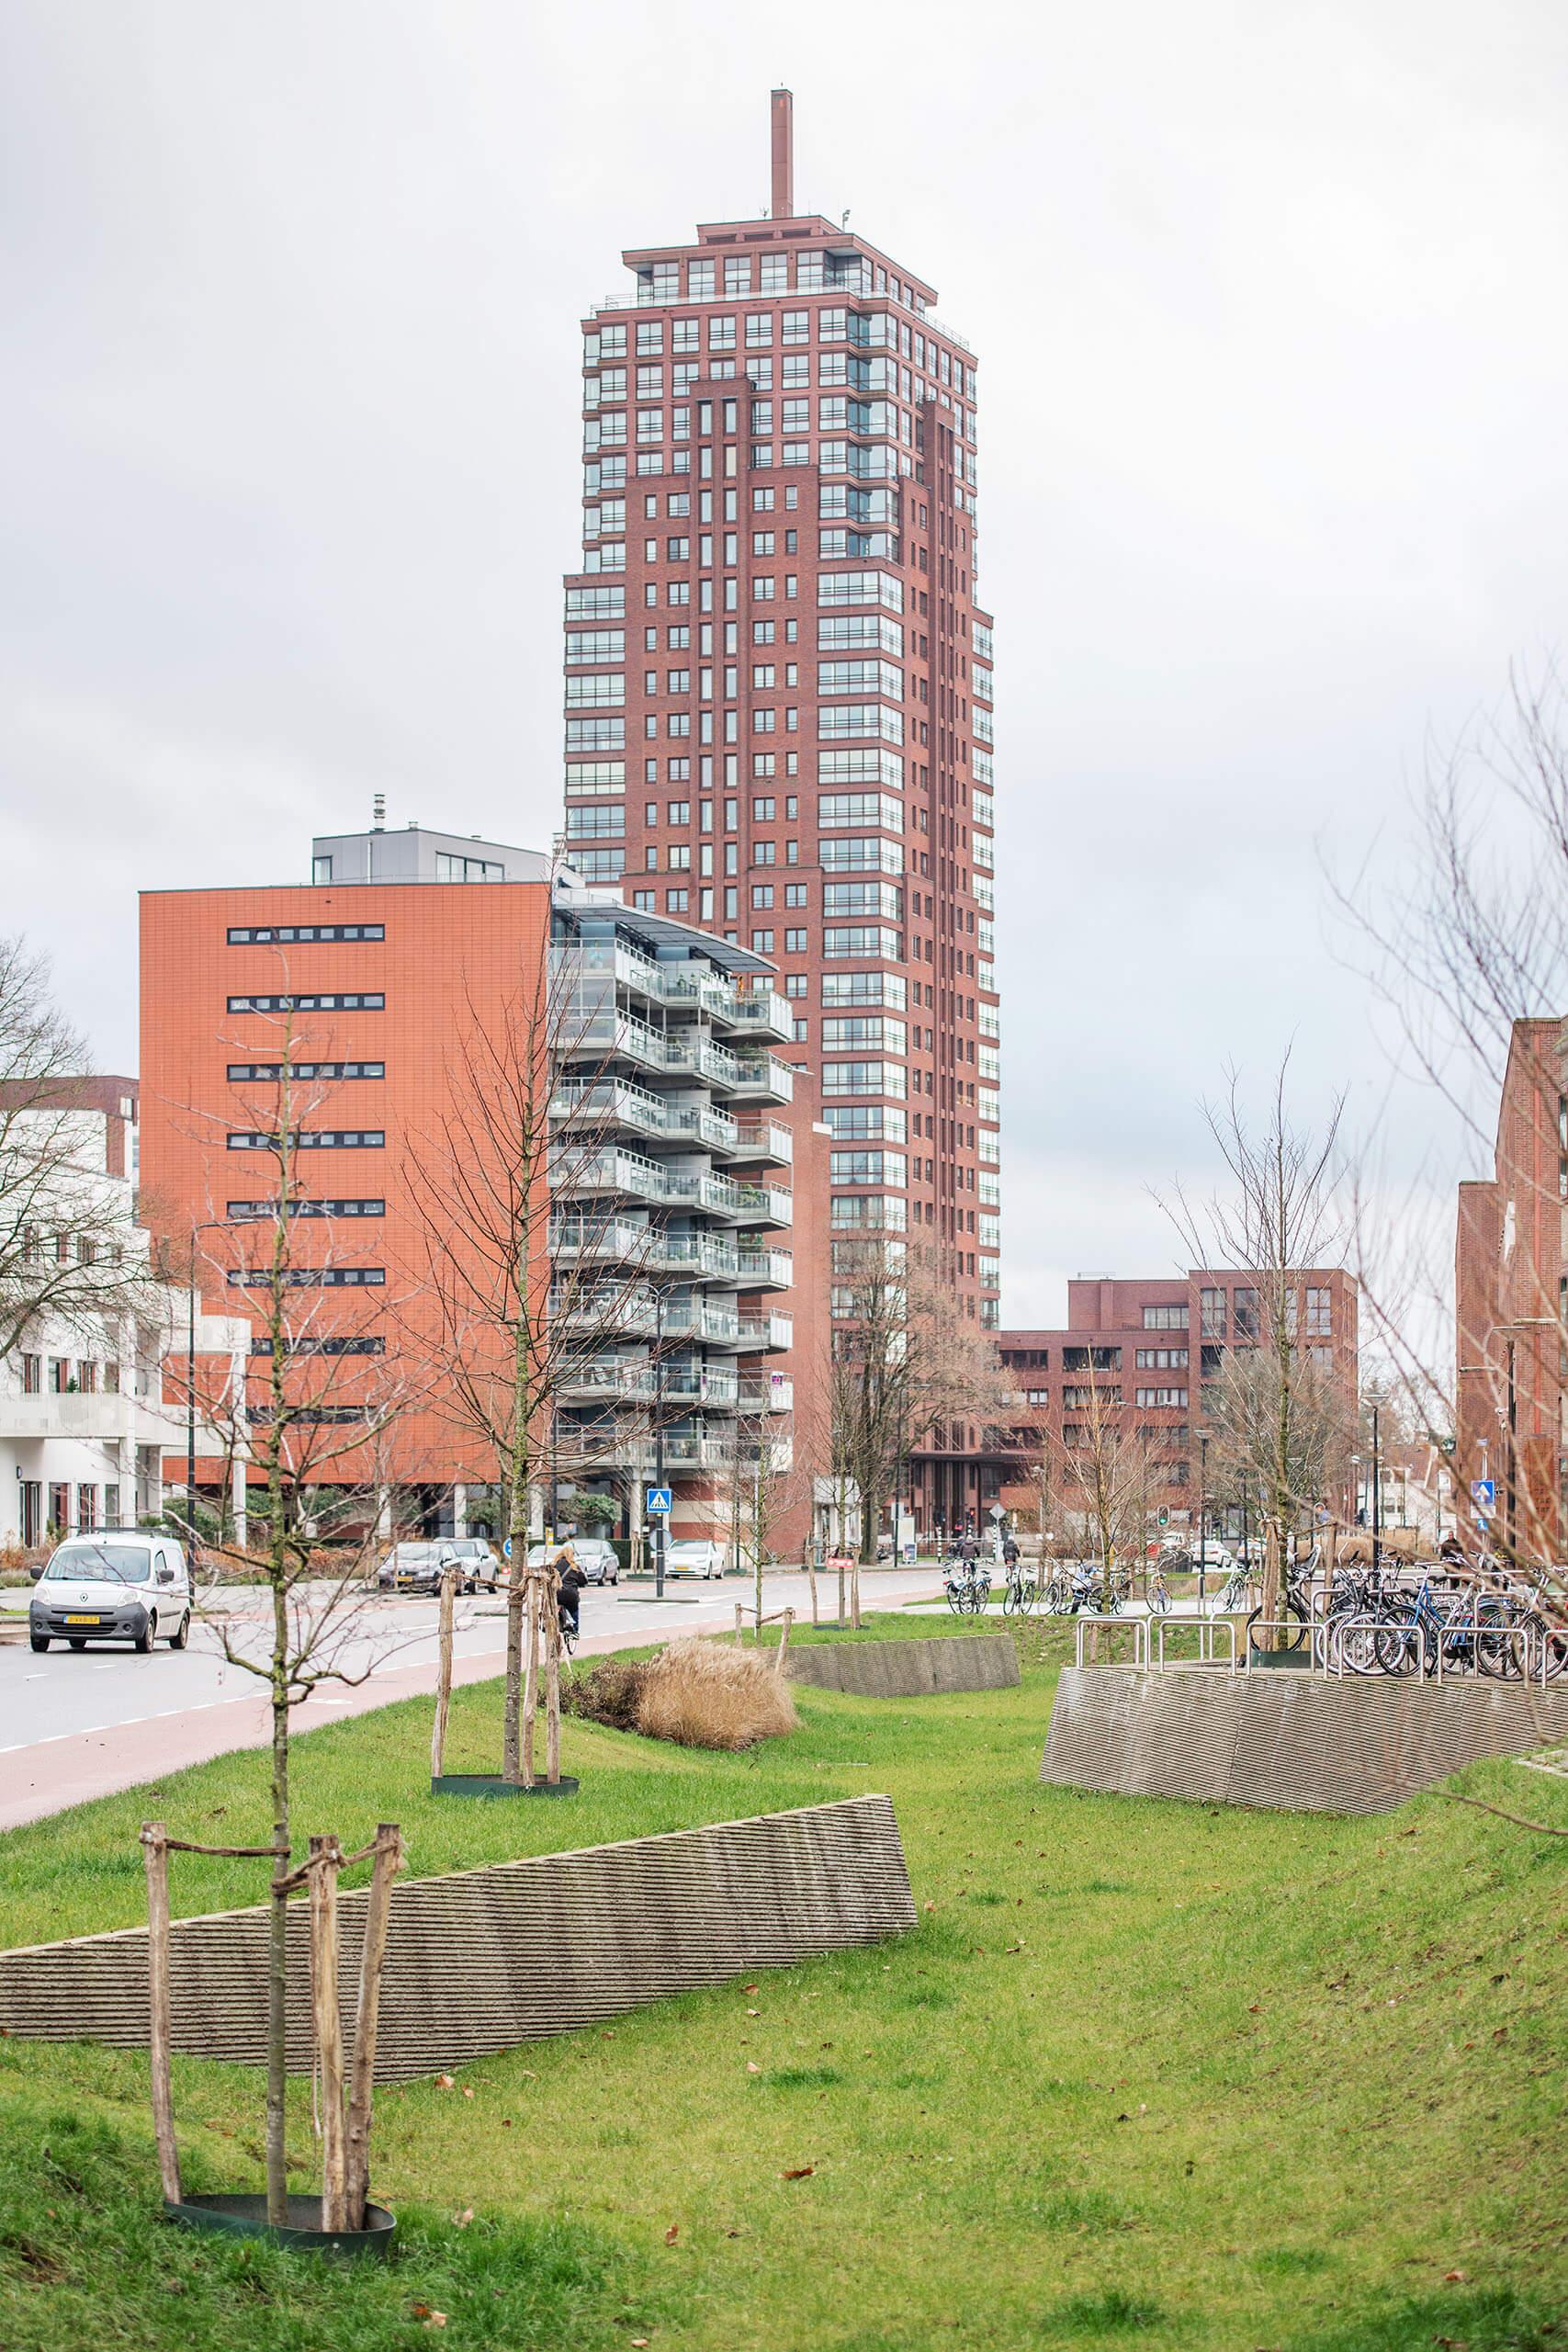 Goudappel Coffeng stadsarchitect vastgoed onroerendgoedmobiliteit en ruimte voor gemeente enschede infra